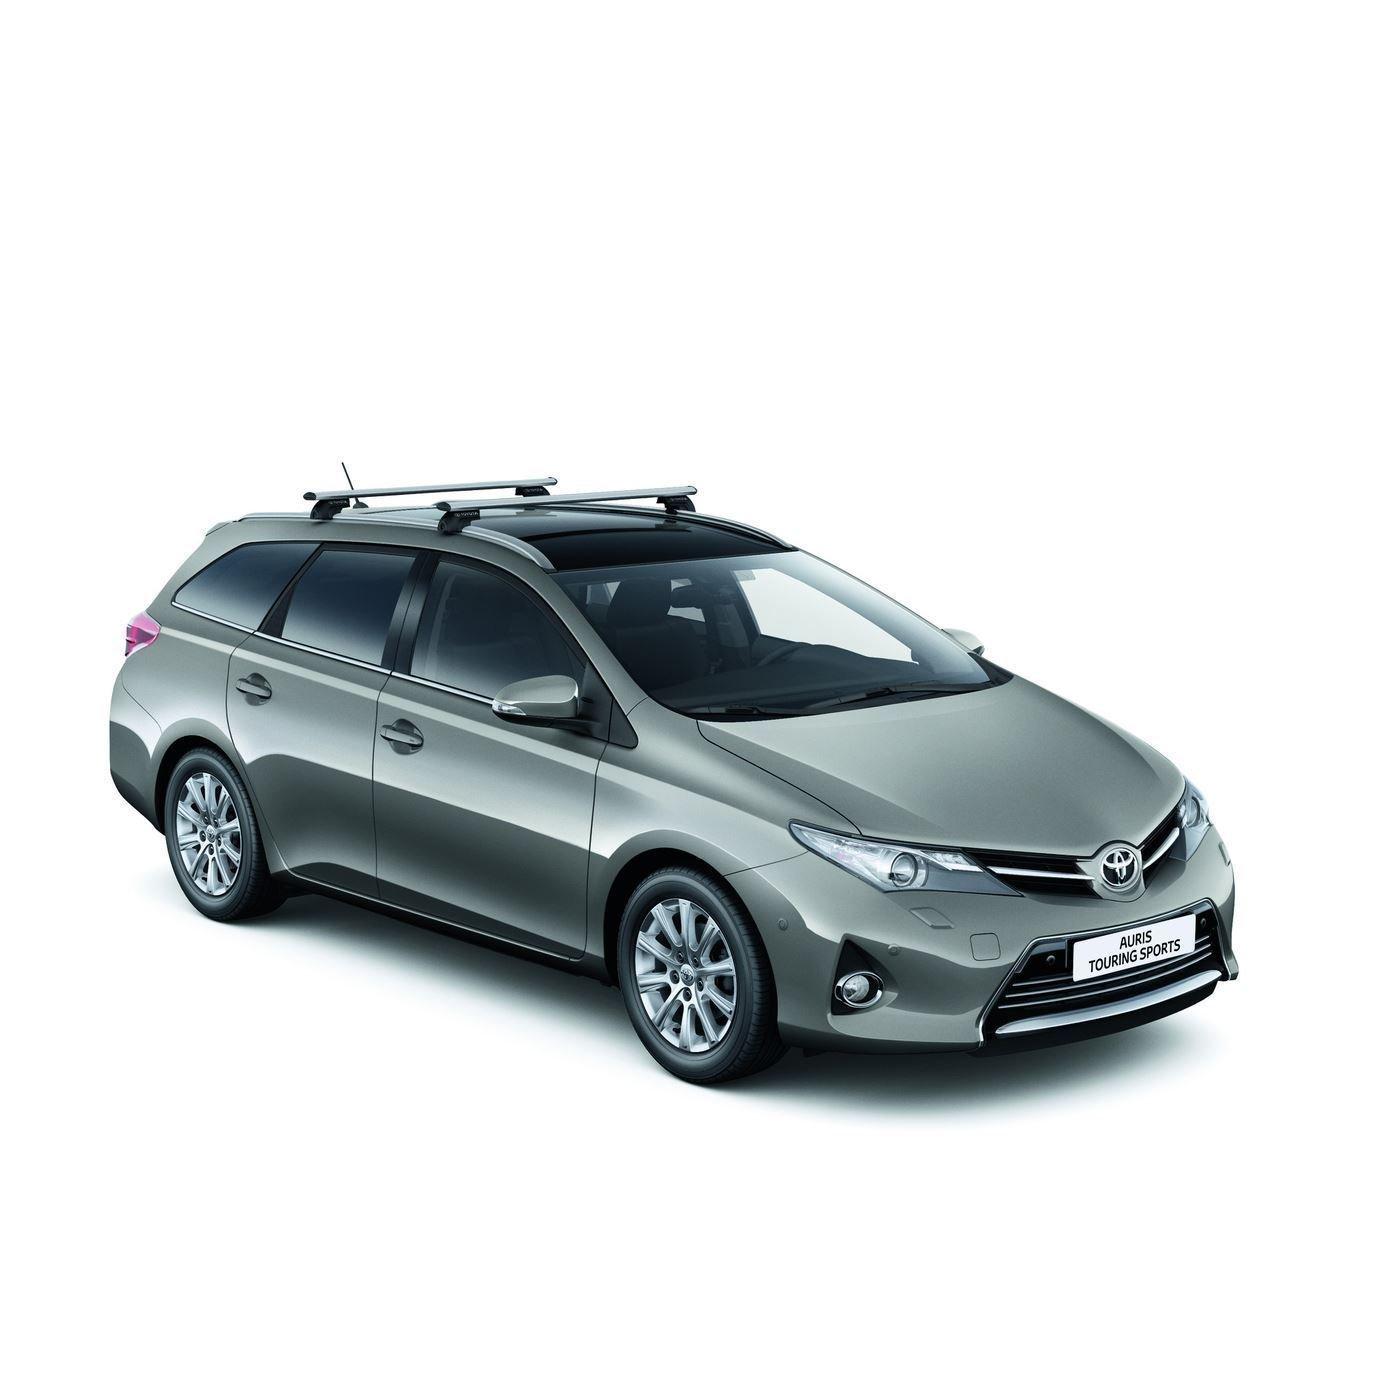 Genuine Toyota Auris Tourer Roof Cross Bars PZ403-E5622-00